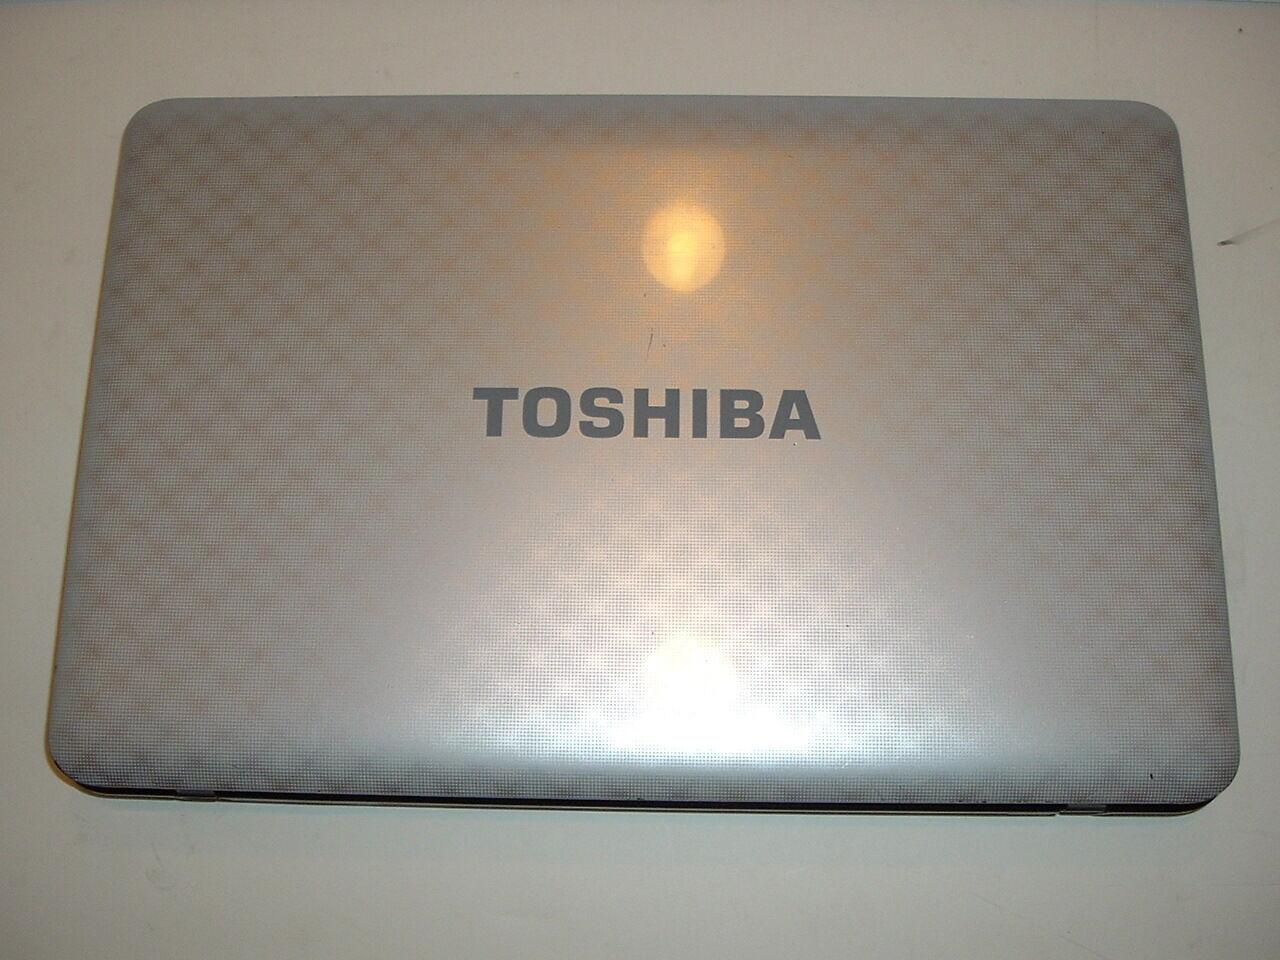 """Toshiba Satellite L755-S5214 15.6"""" Laptop/Notebook i3-2310M 2.1GHz/320GB/4GB/W7"""